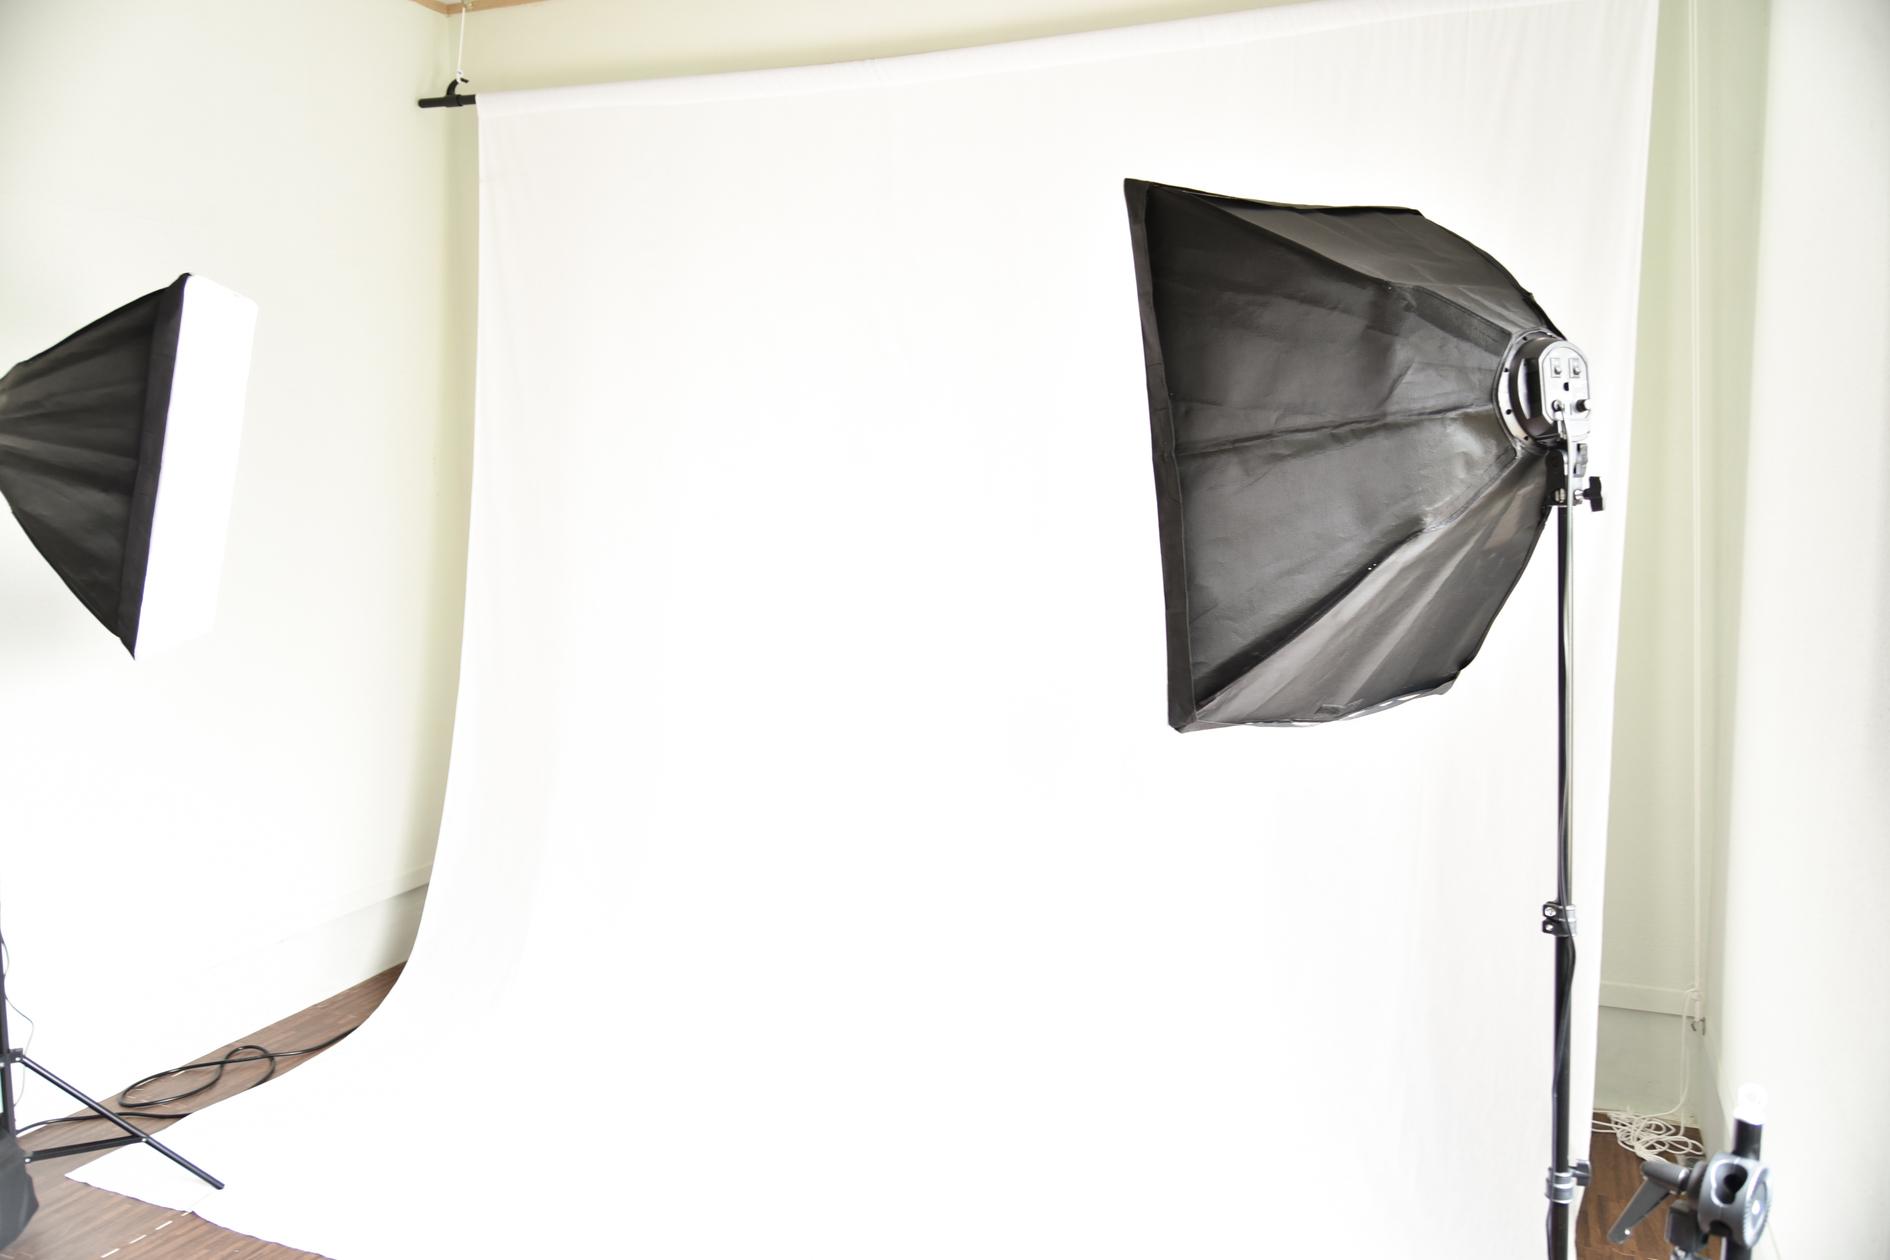 駐車場無料‼︎横浜日吉〜撮影スタジオ〜 撮影、会議利用に!(駐車場無料‼︎横浜日吉〜撮影スタジオ〜 撮影、会議利用に!) の写真0